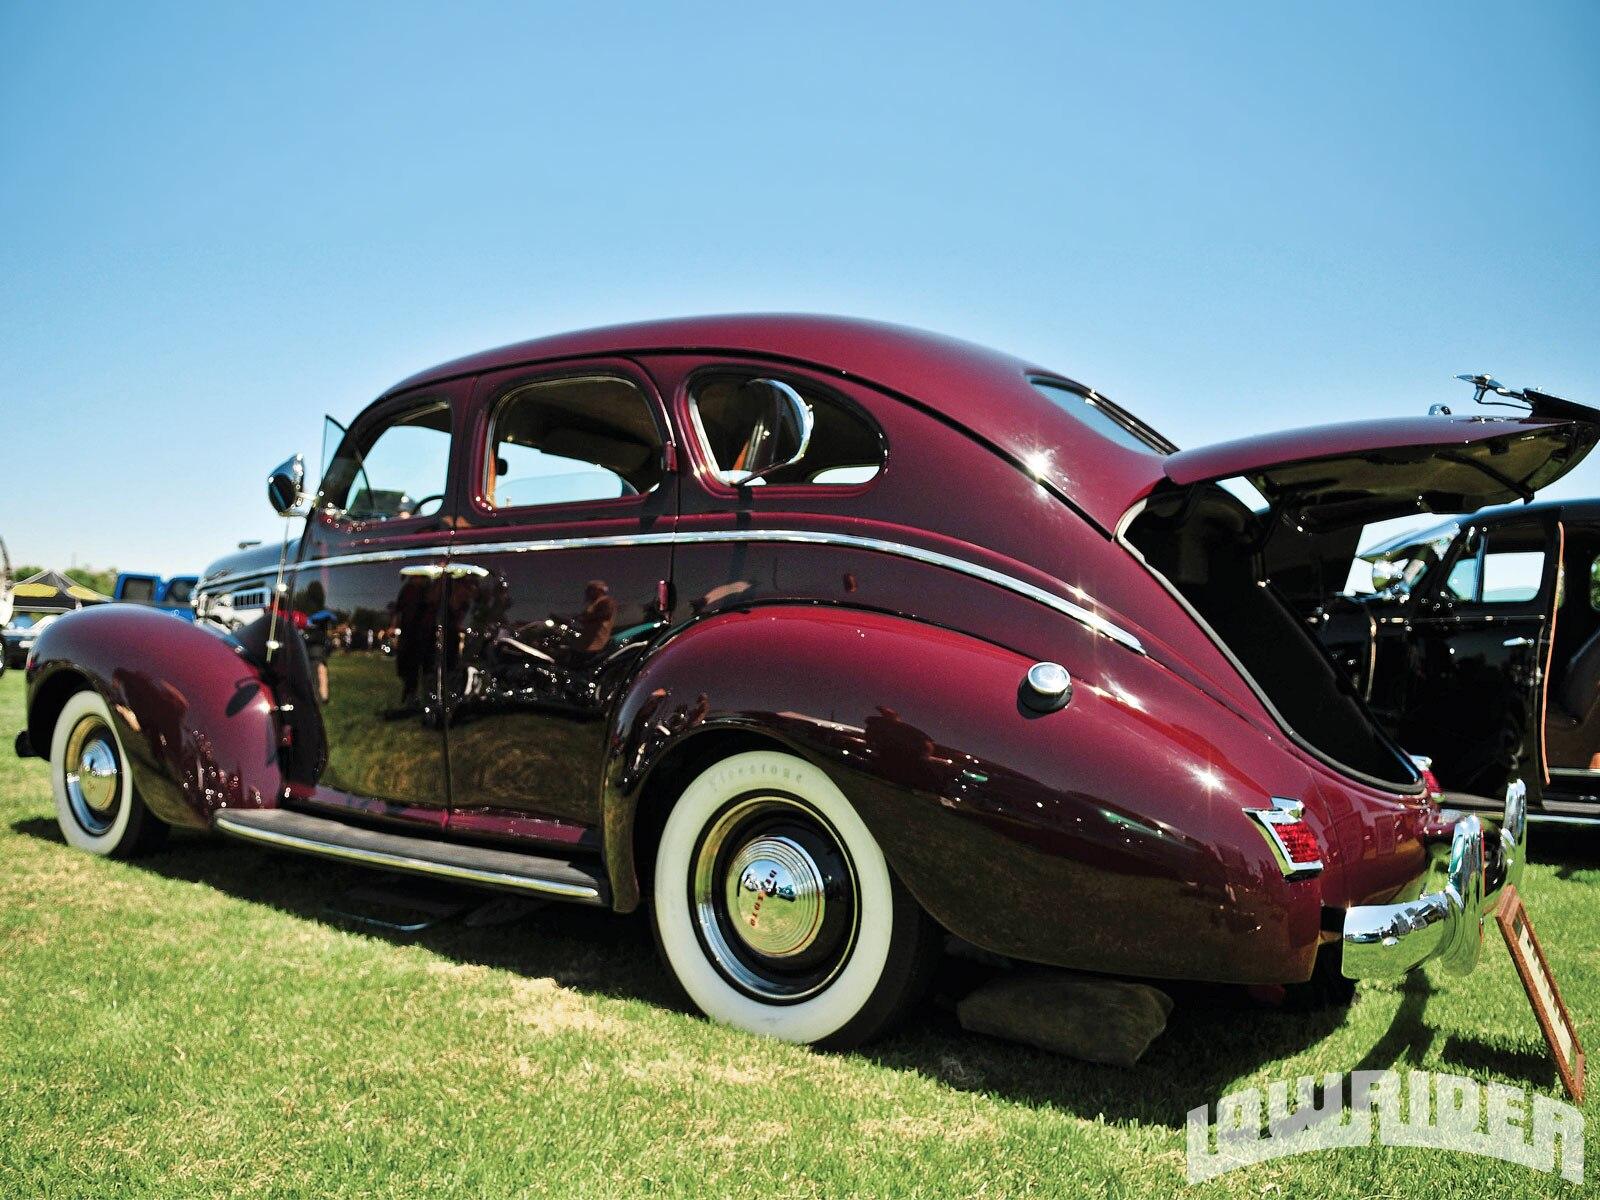 Lowrider Car Hd Wallpaper San Fernando Valley Car Show Oldies Car Club Lowrider